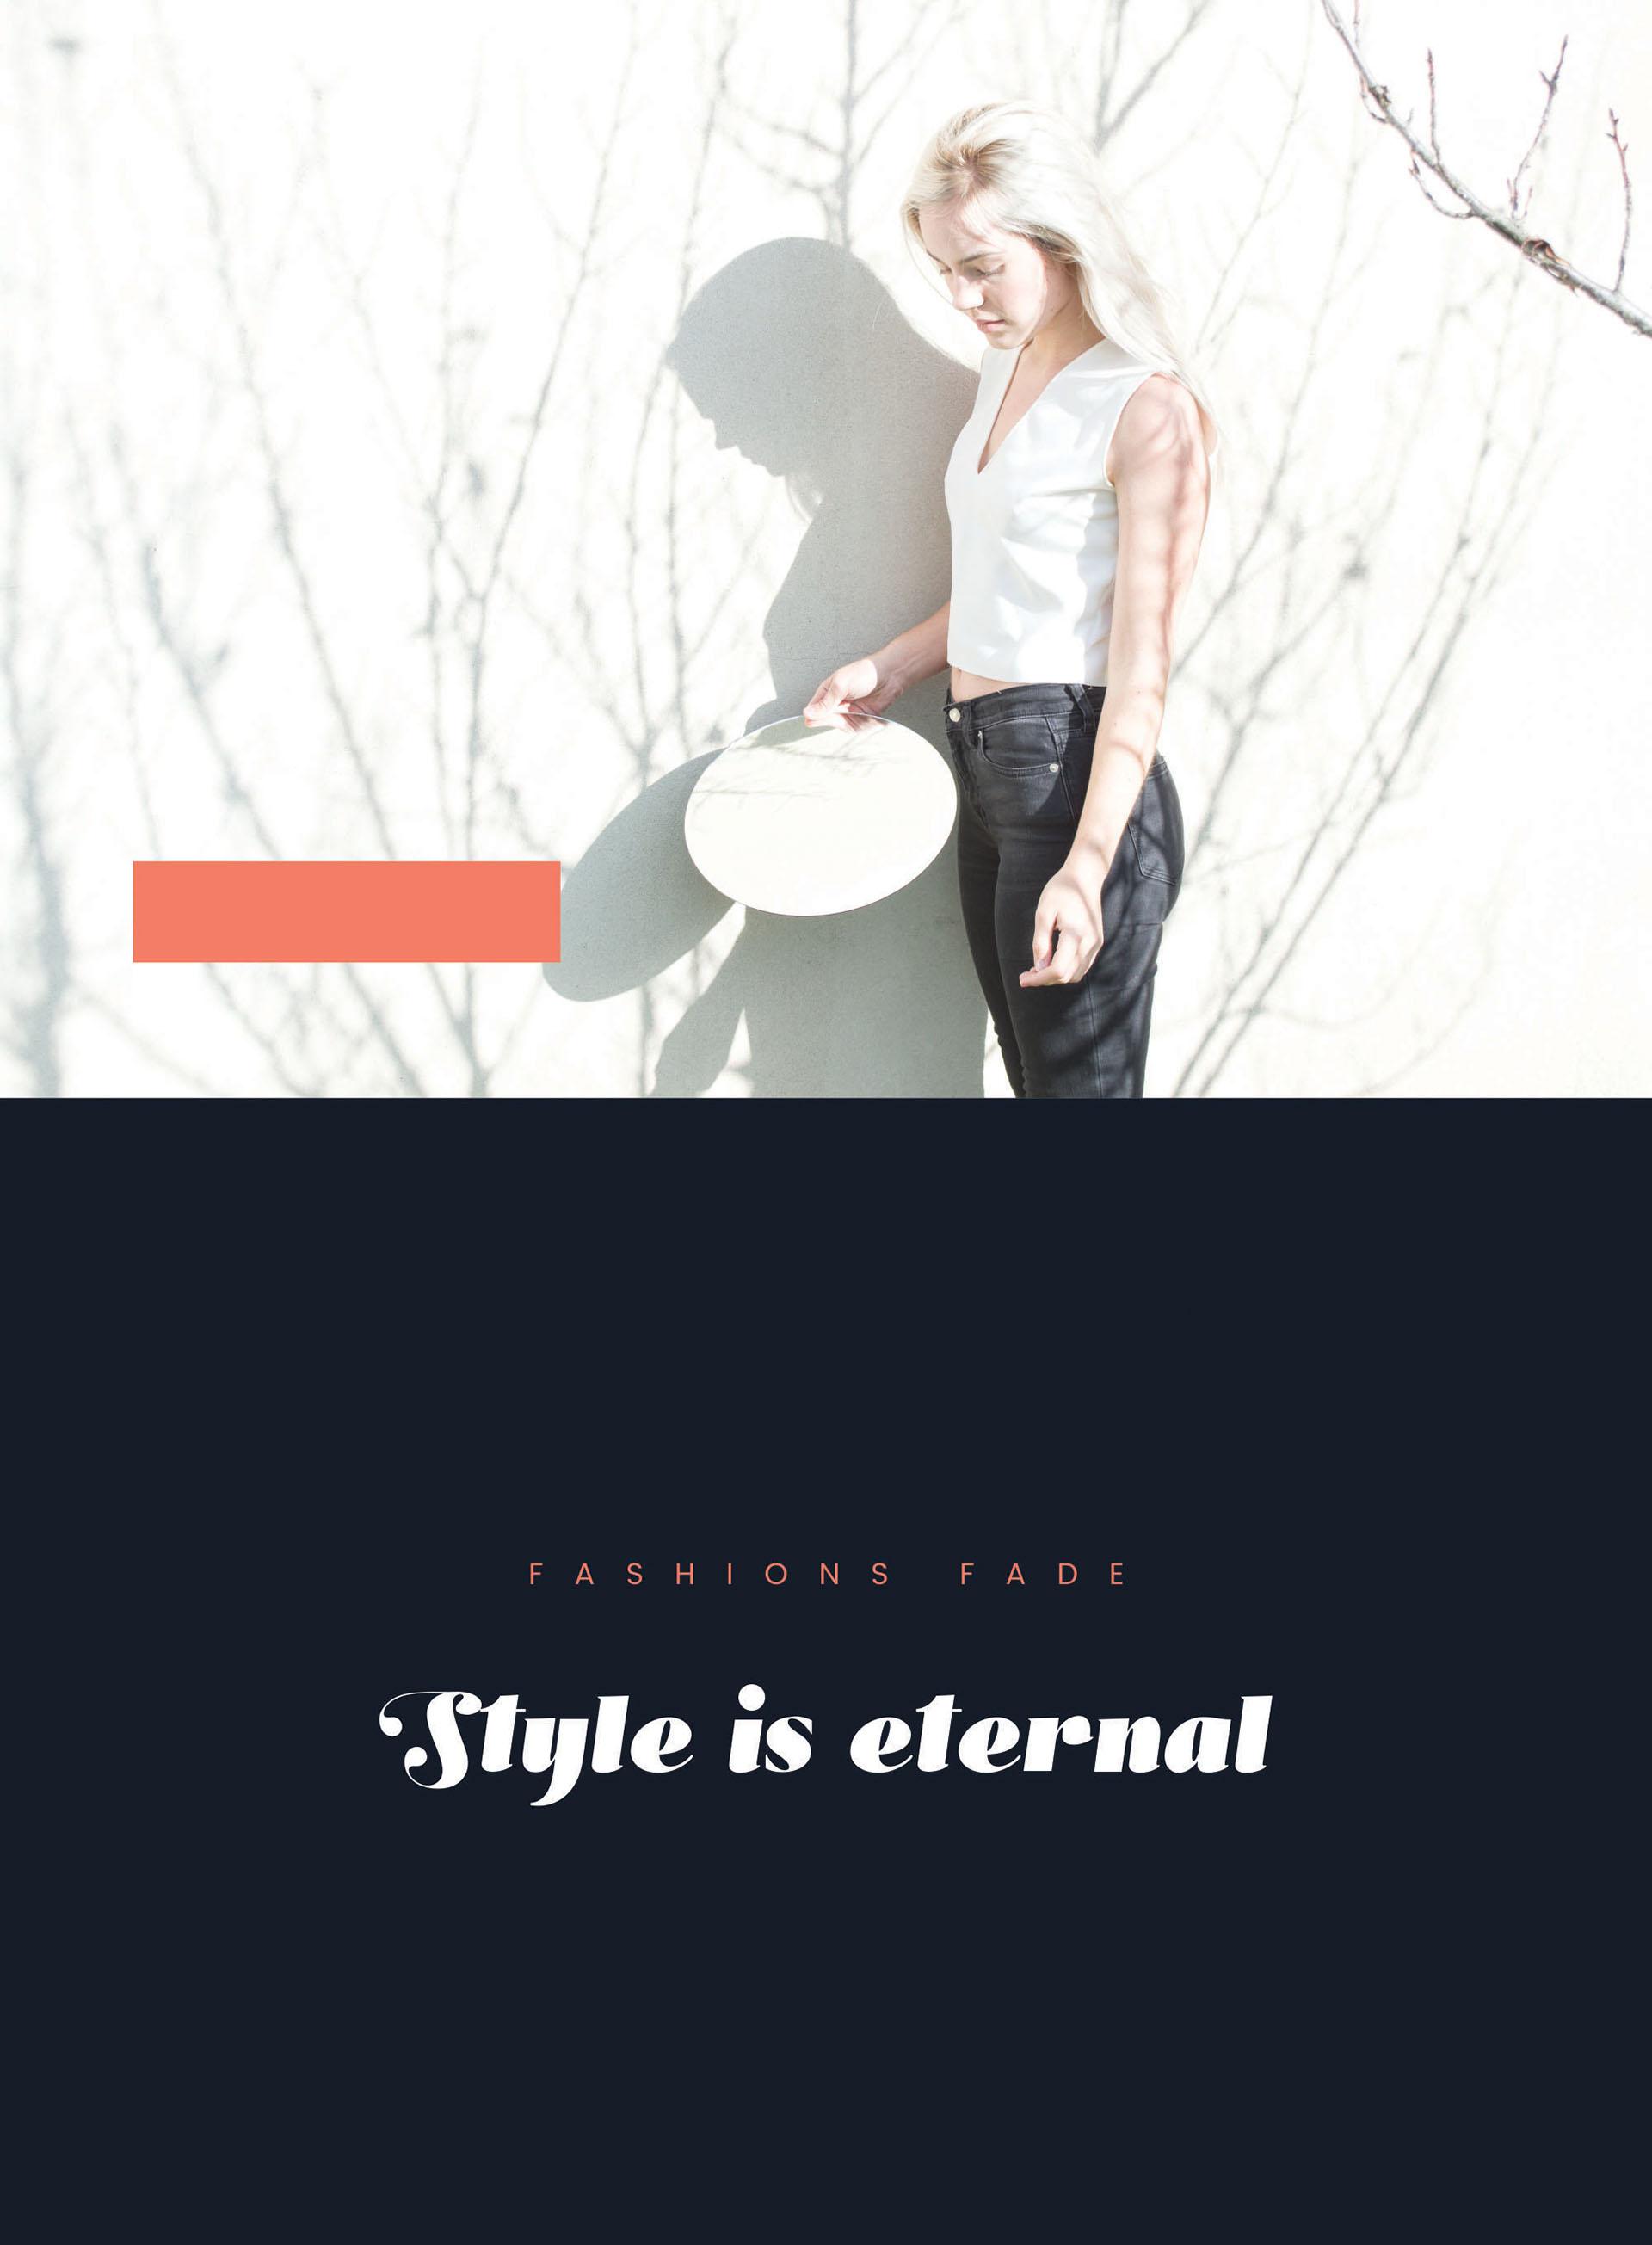 Soigné Elegant Typeface - sans-serif